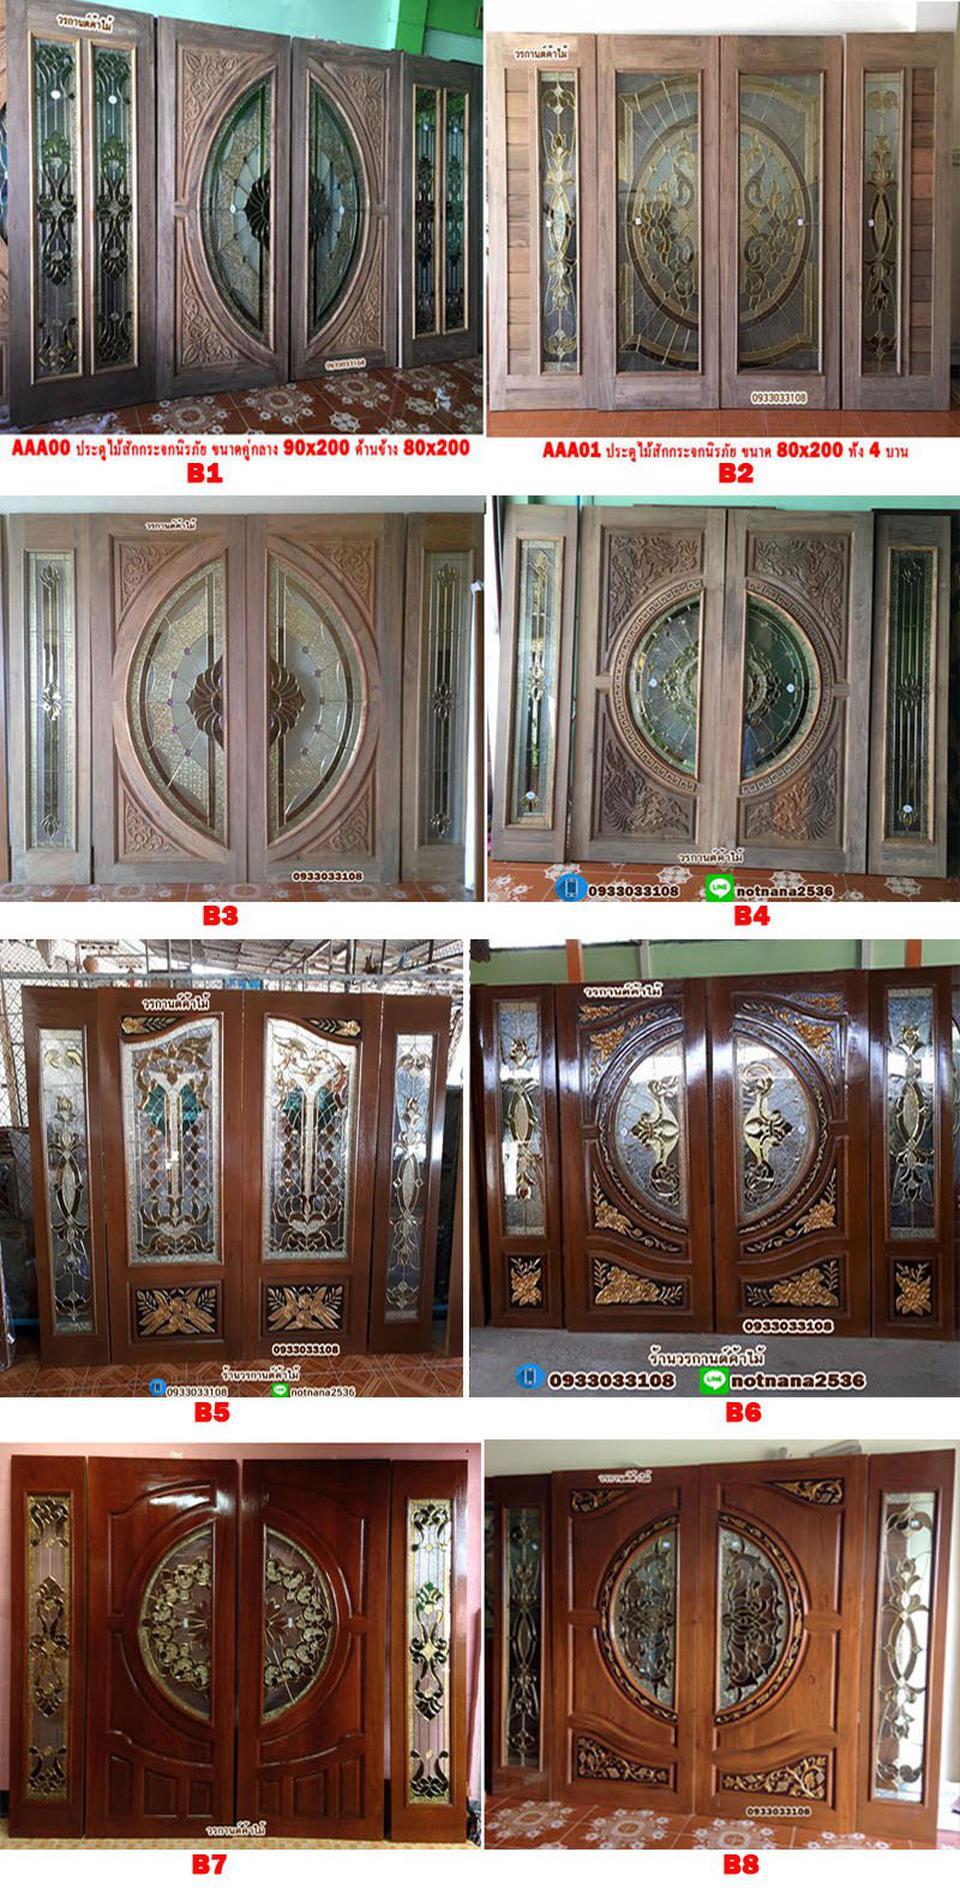 ร้านวรกานต์ค้าไม้ จำหน่าย ประตูไม้สักบานคู่กระจกนิรภัย ประตูโมเดิร์น ประตูไม้สักบานเลื่อน รูปที่ 1